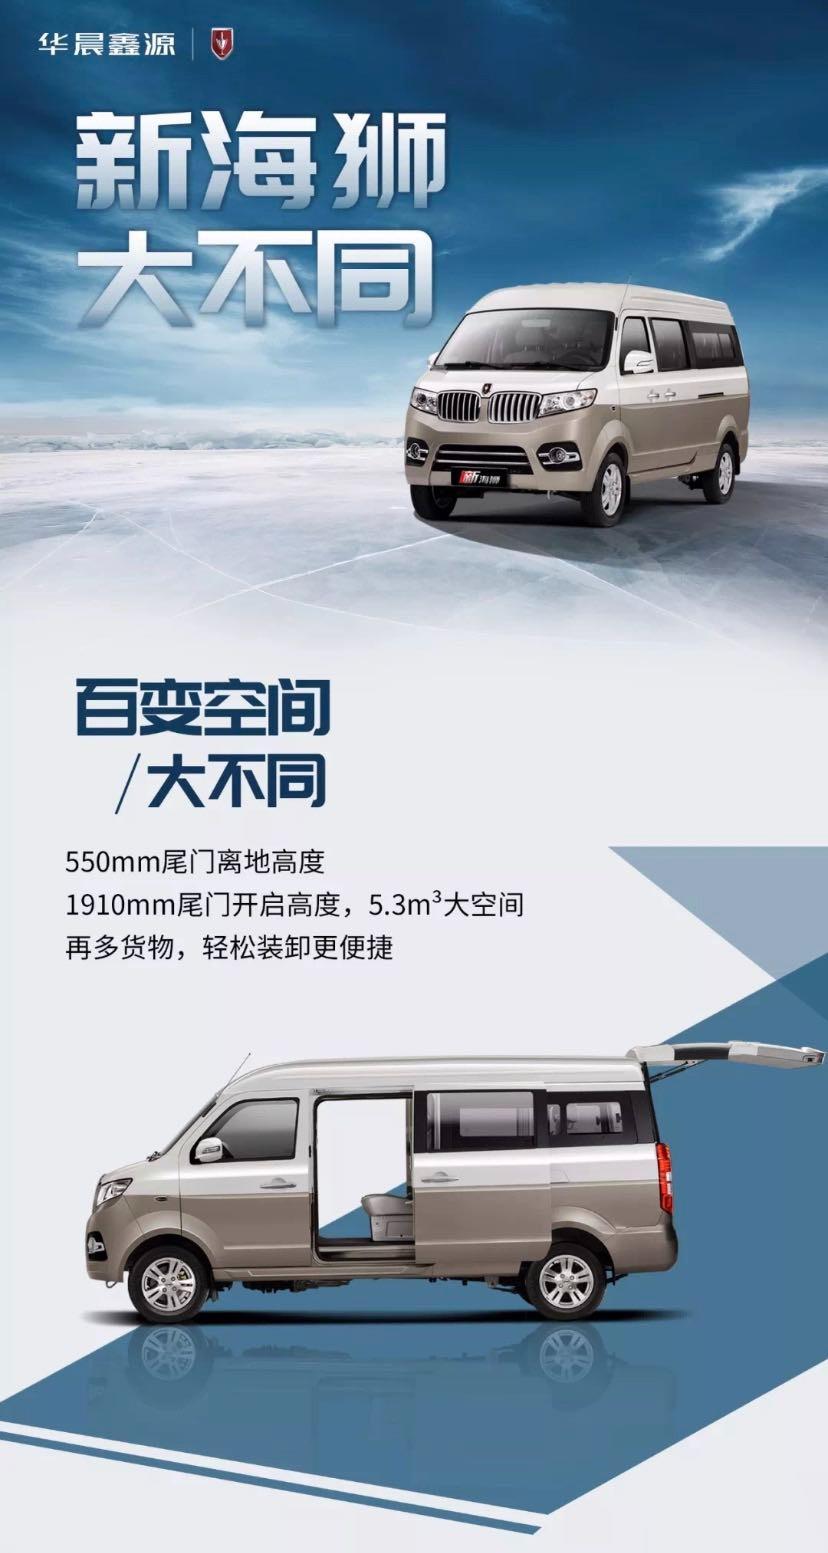 广州车车邦新能源推出新款 新海狮X30LEV拥有客货两用的车 不限行 不限购 轻松上牌无需居住证